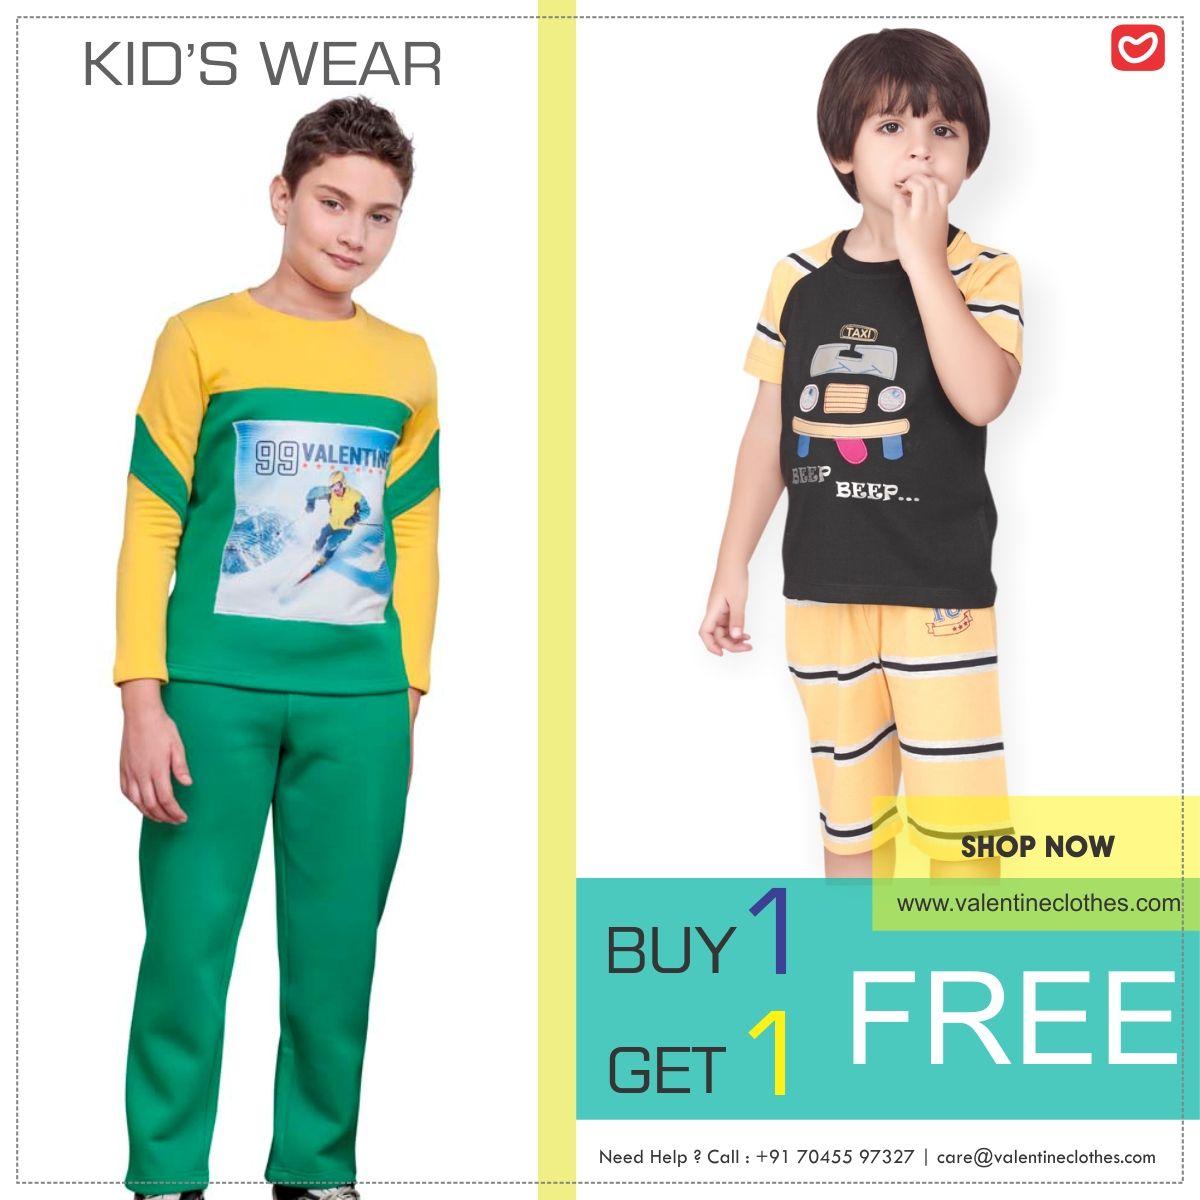 Where it is better to buy kidswear on sale 69